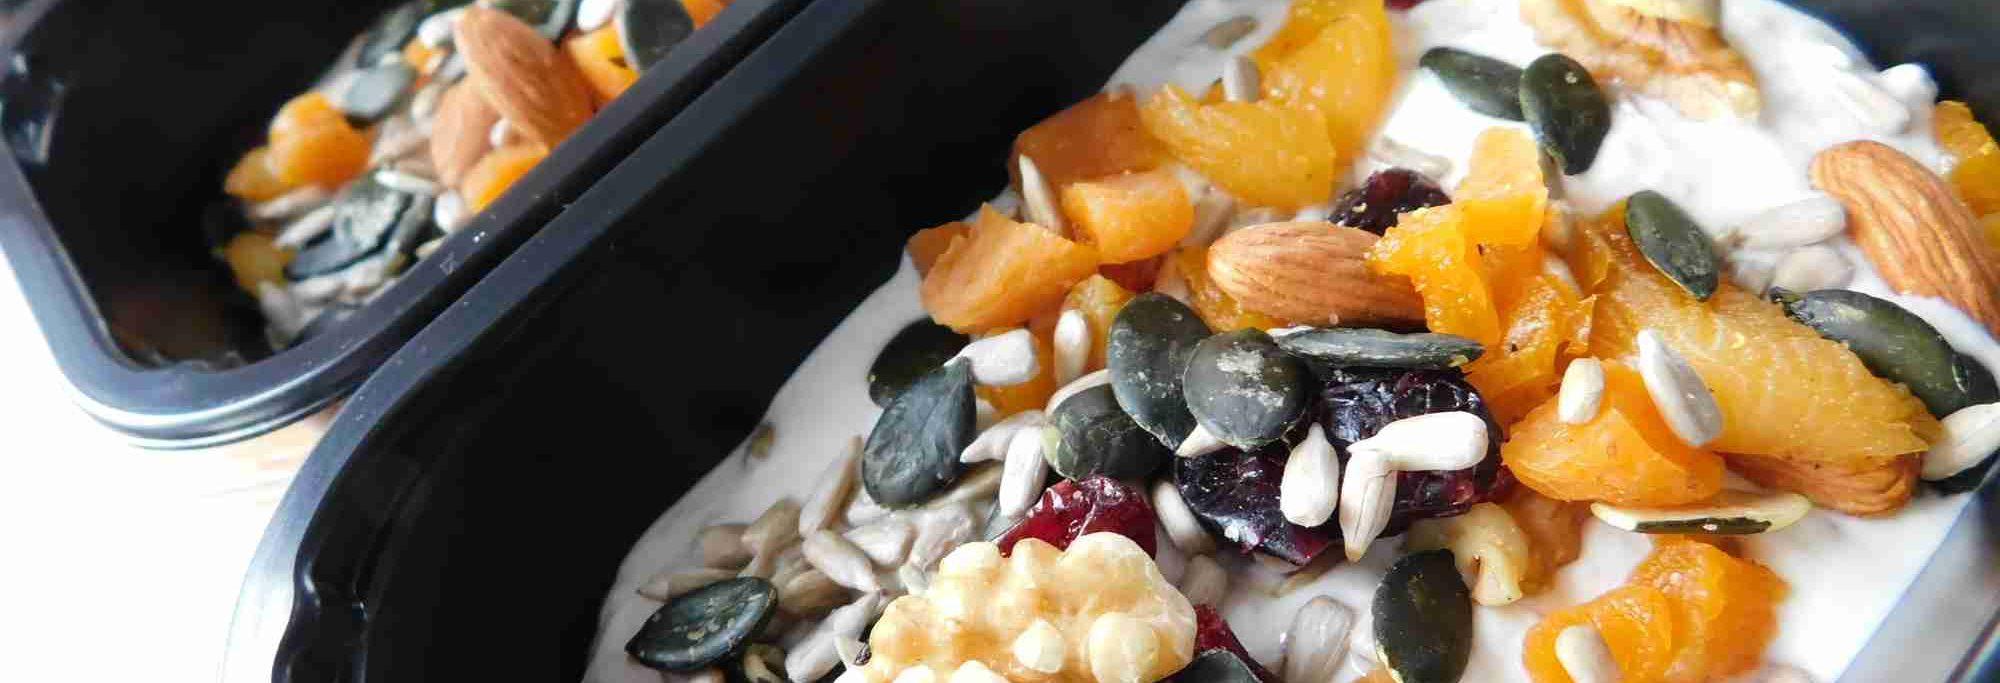 FitWarzywko Catering Dietetyczny